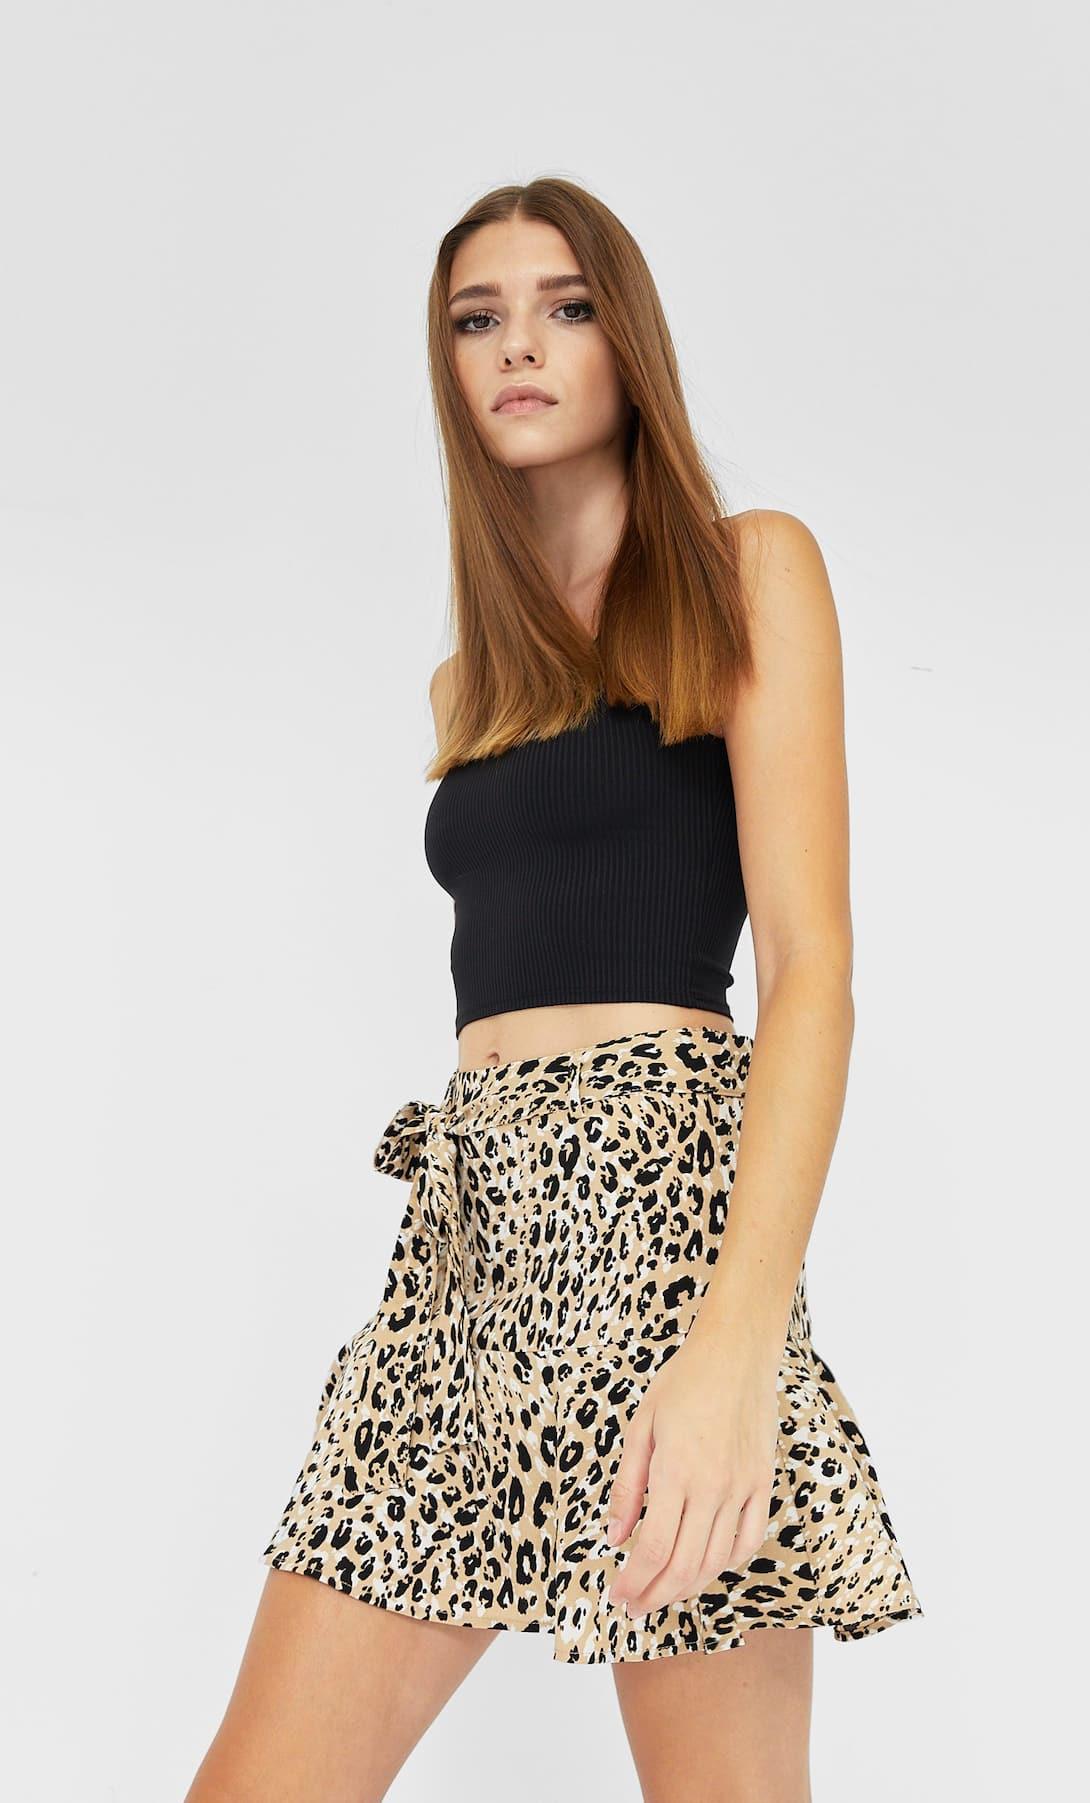 La falda pantalón de Stradivarius ideal para un verano repleto de acción vale solo 15,99 euros